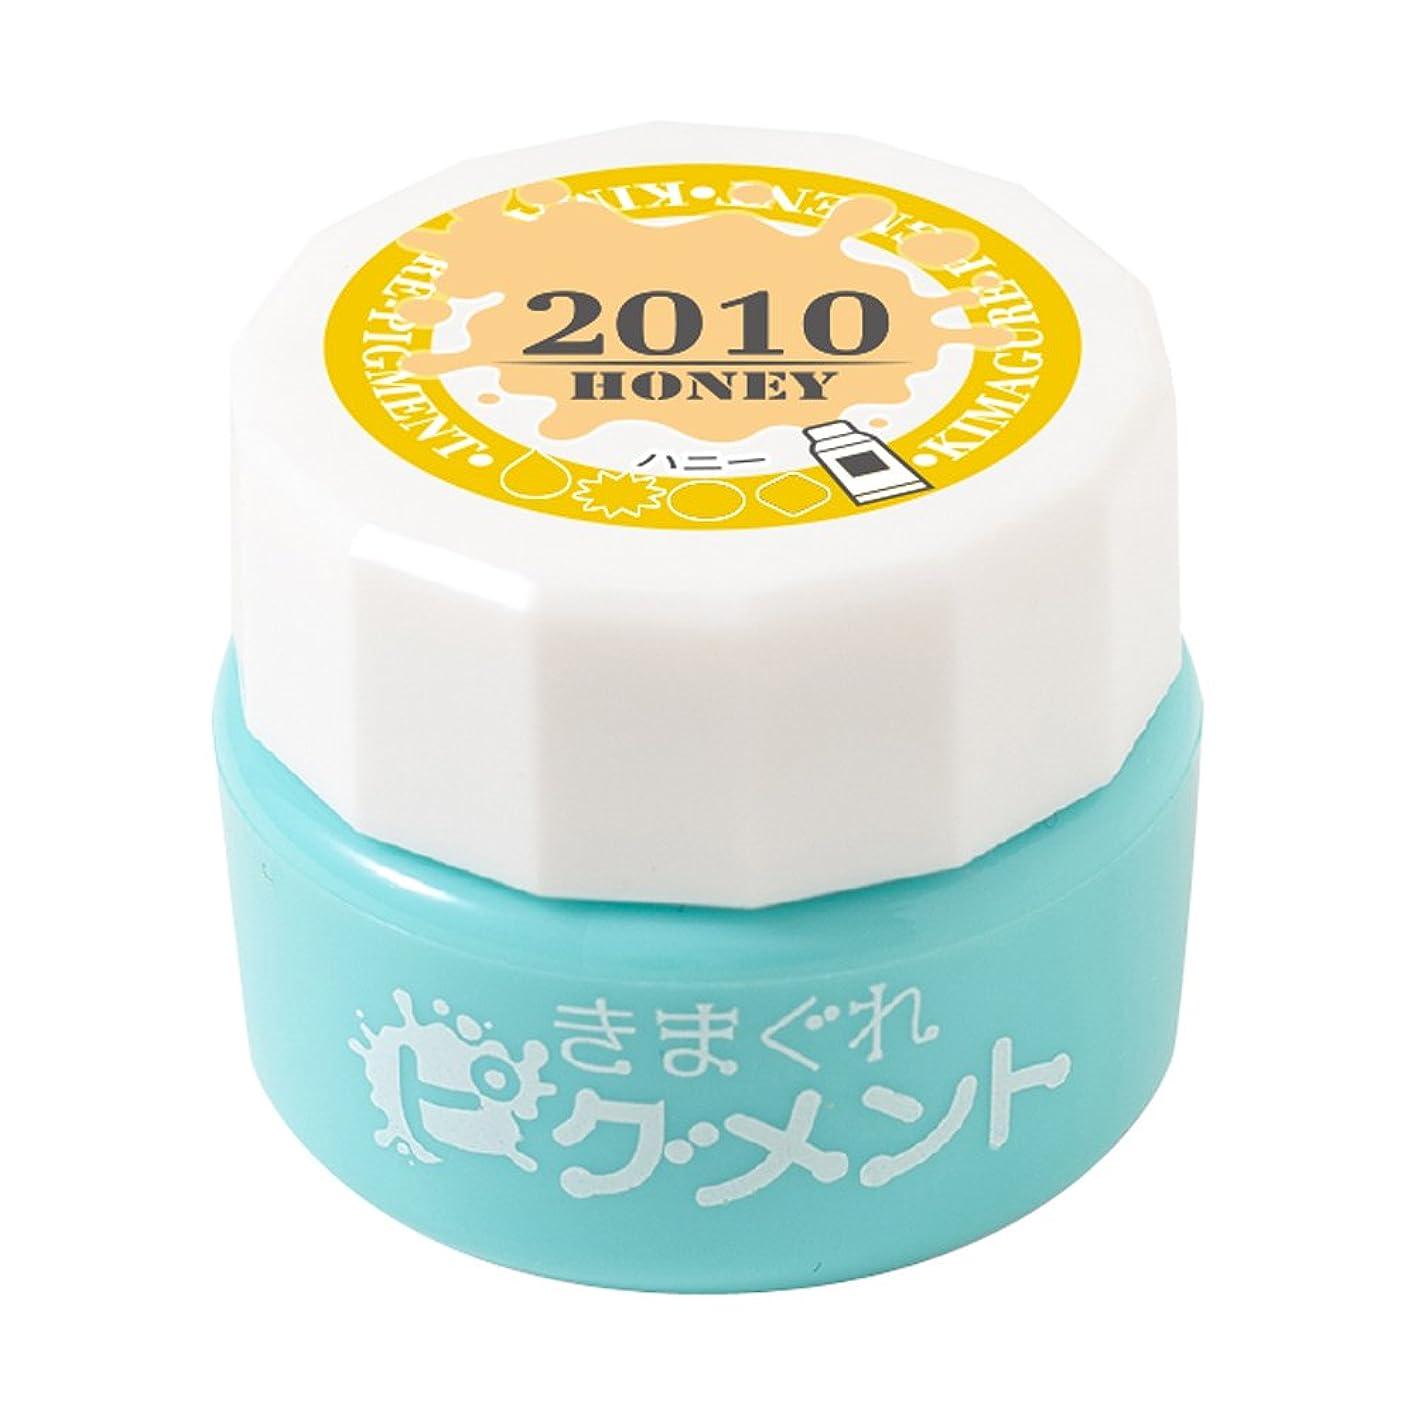 動物無謀前売Bettygel きまぐれピグメント ハニー QYJ-2010 4g UV/LED対応